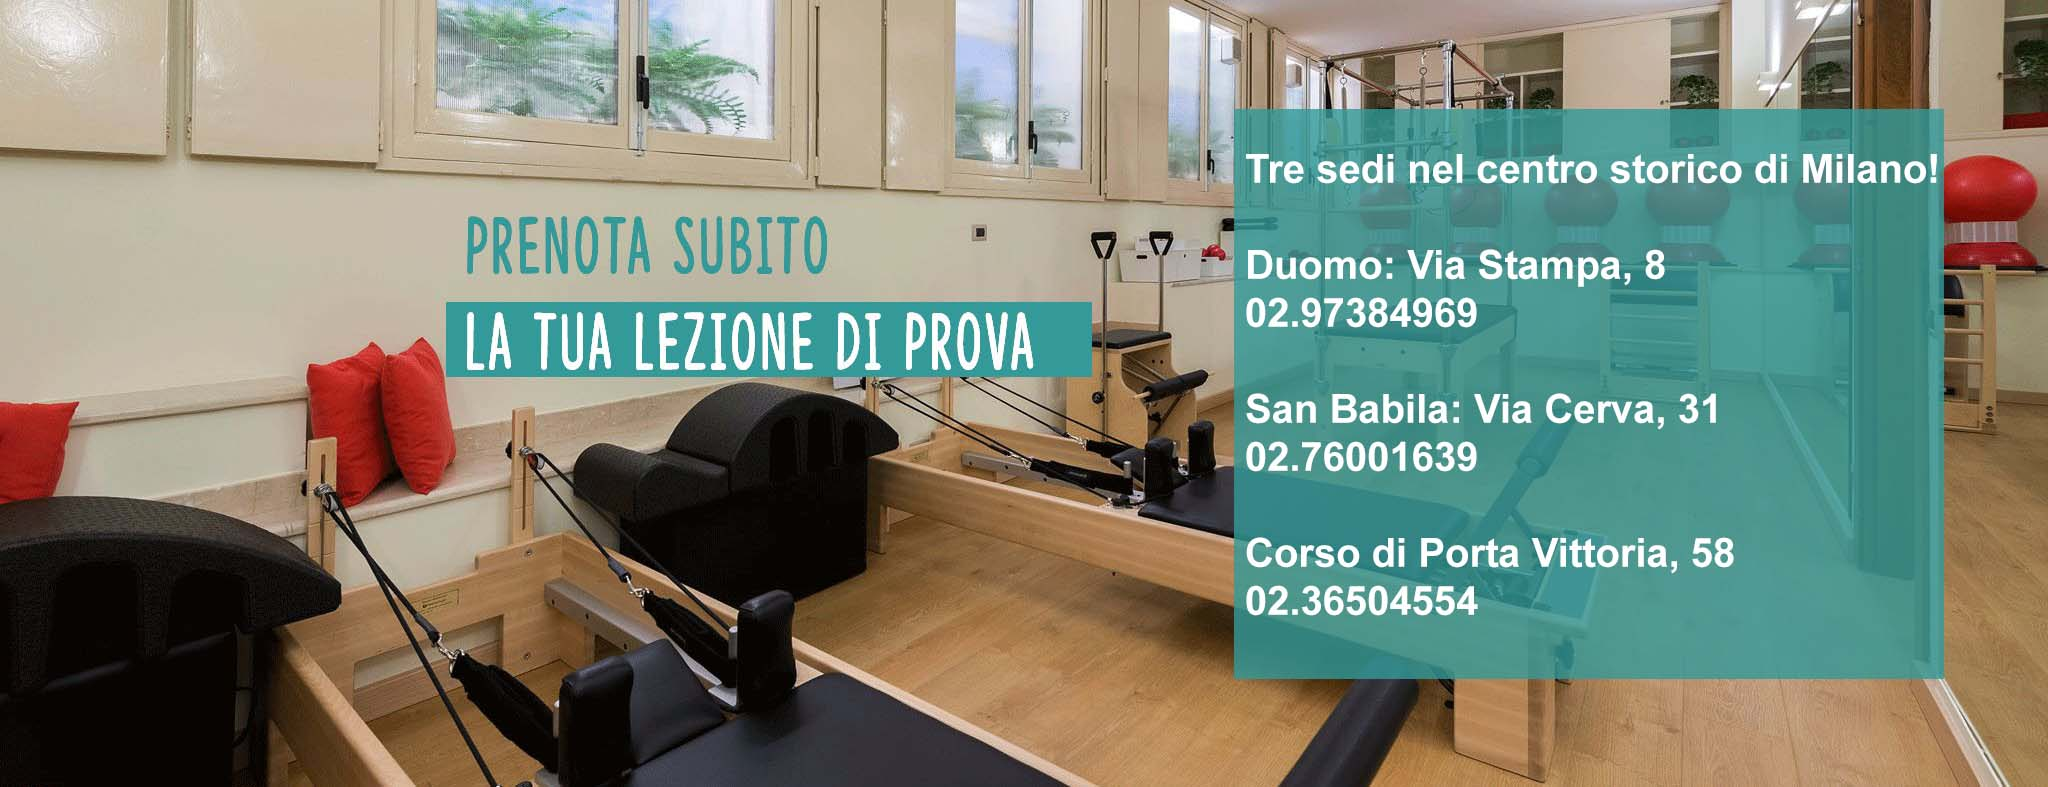 Pilates Via Torino Milano - Prenota subito la tua lezione di prova